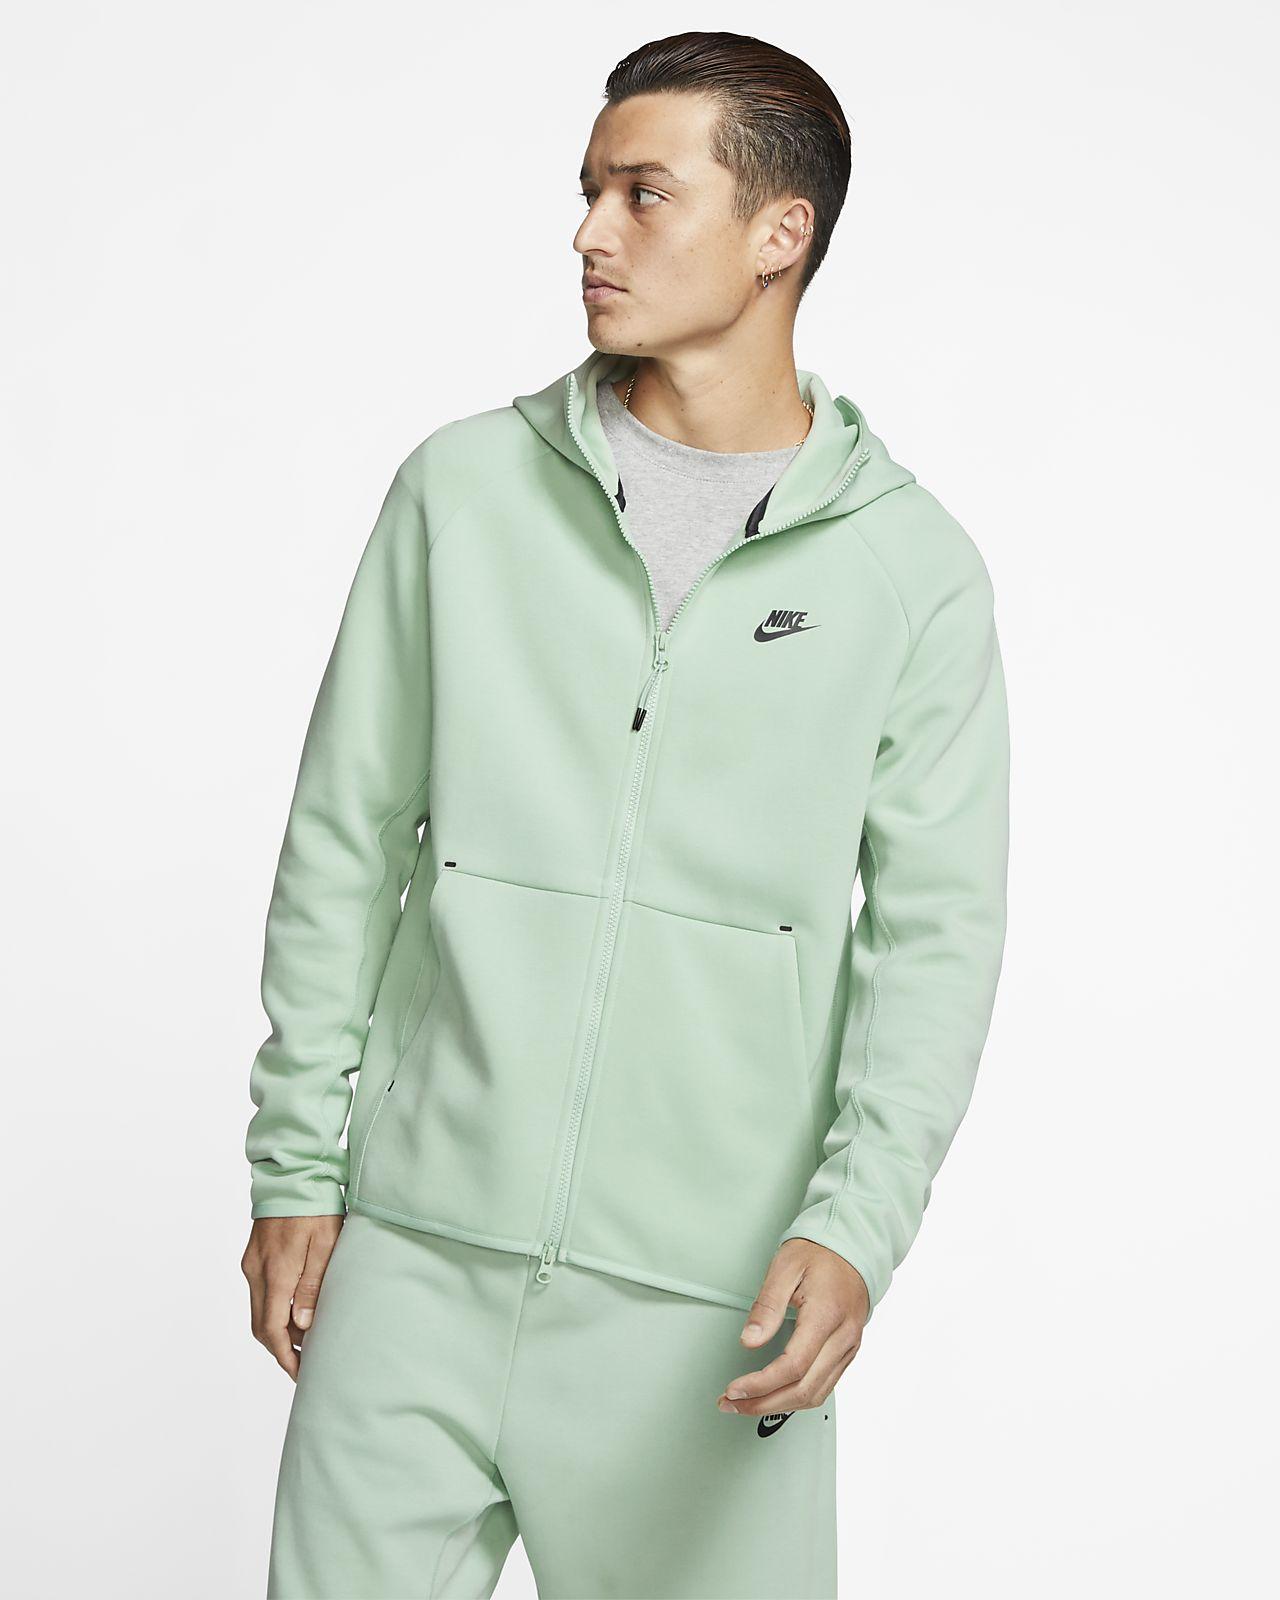 Nike Tech Fleece giacca con cappuccio fitness uomo zip